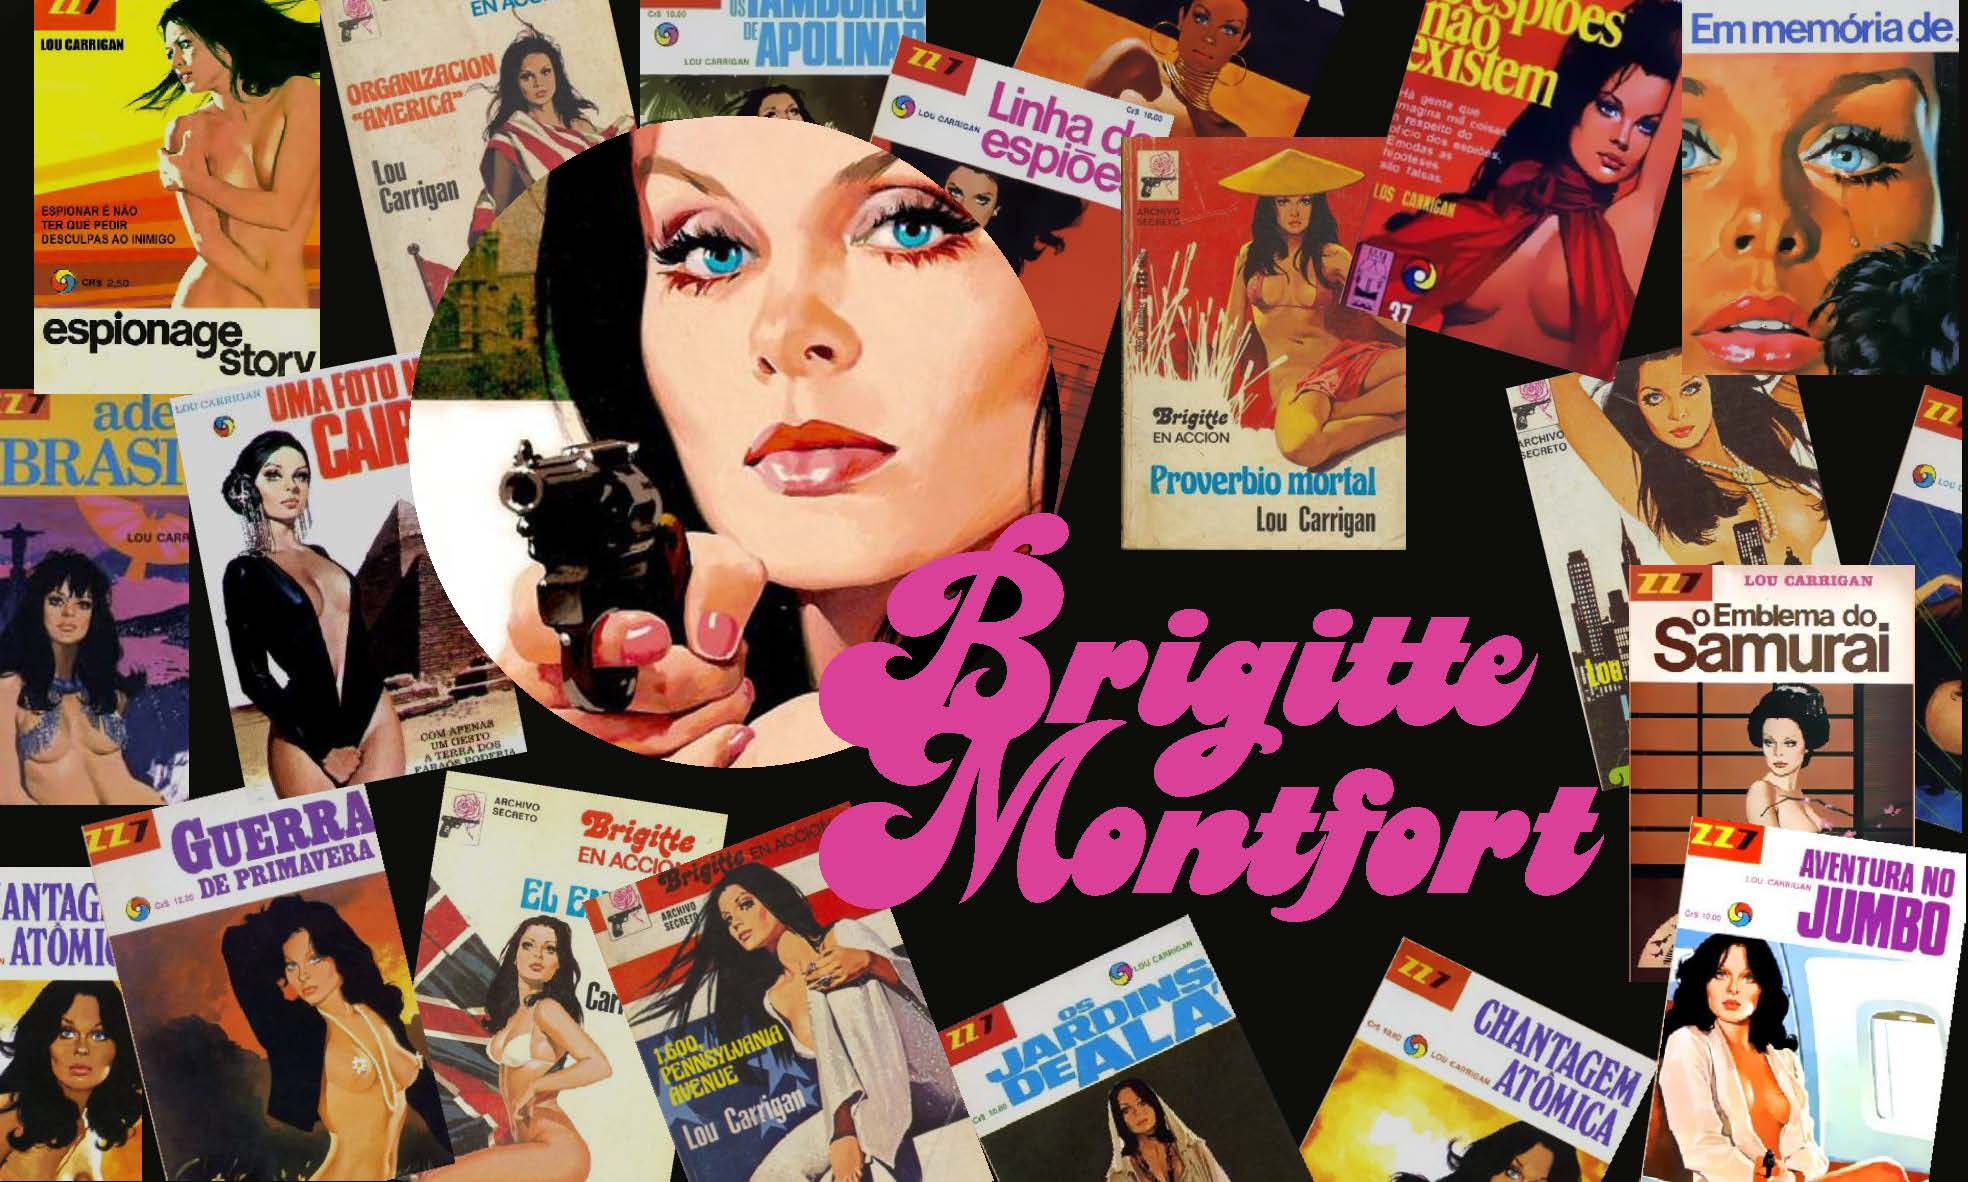 BRIGITTE MONTFORT